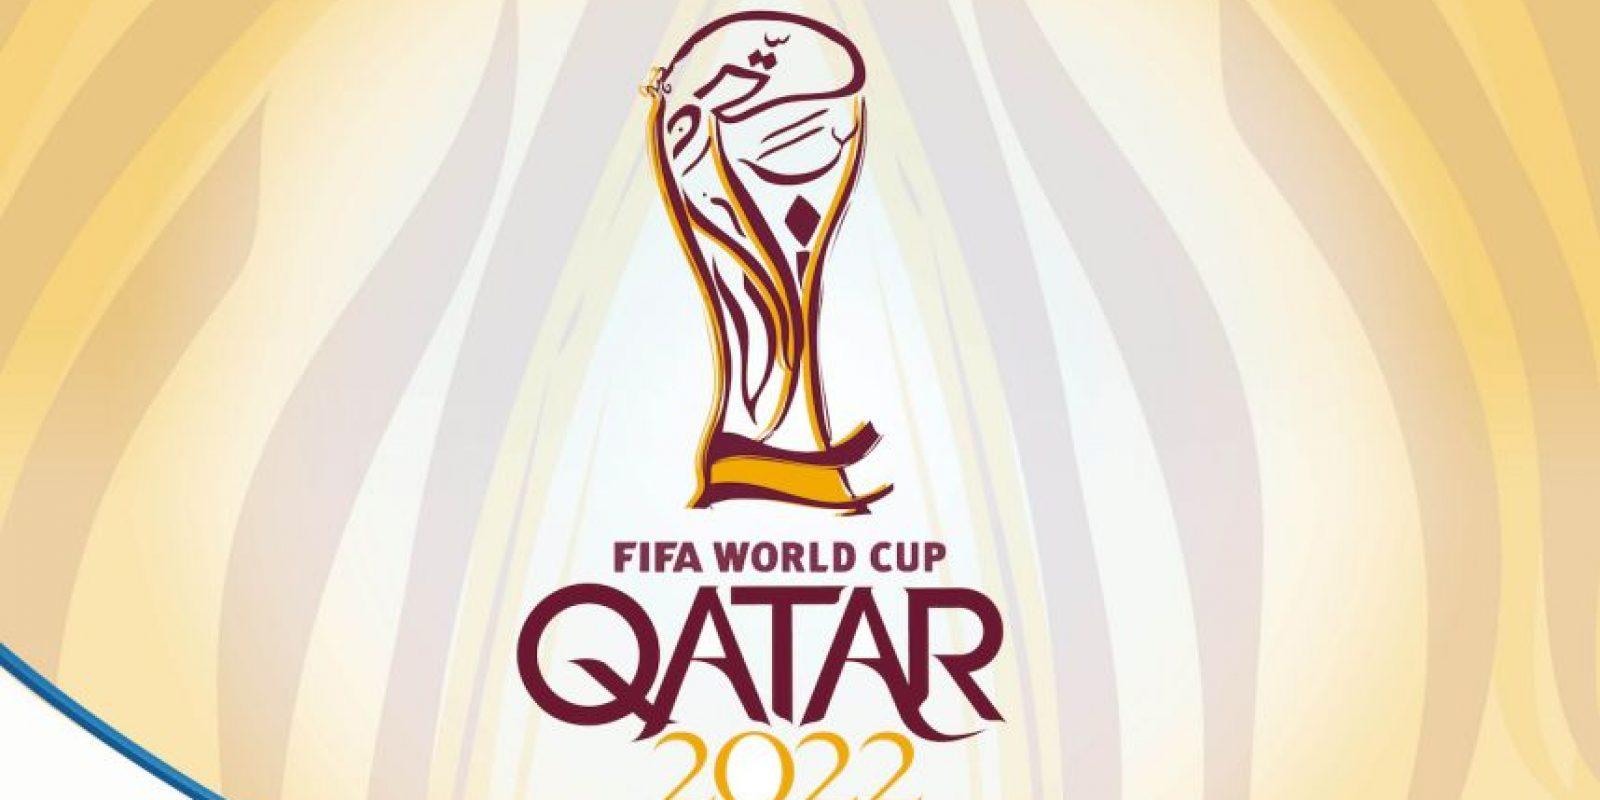 2. Mueren trabajadores en la construcción de estadios para el Mundial de Qatar en 2022 Foto:Wikimedia